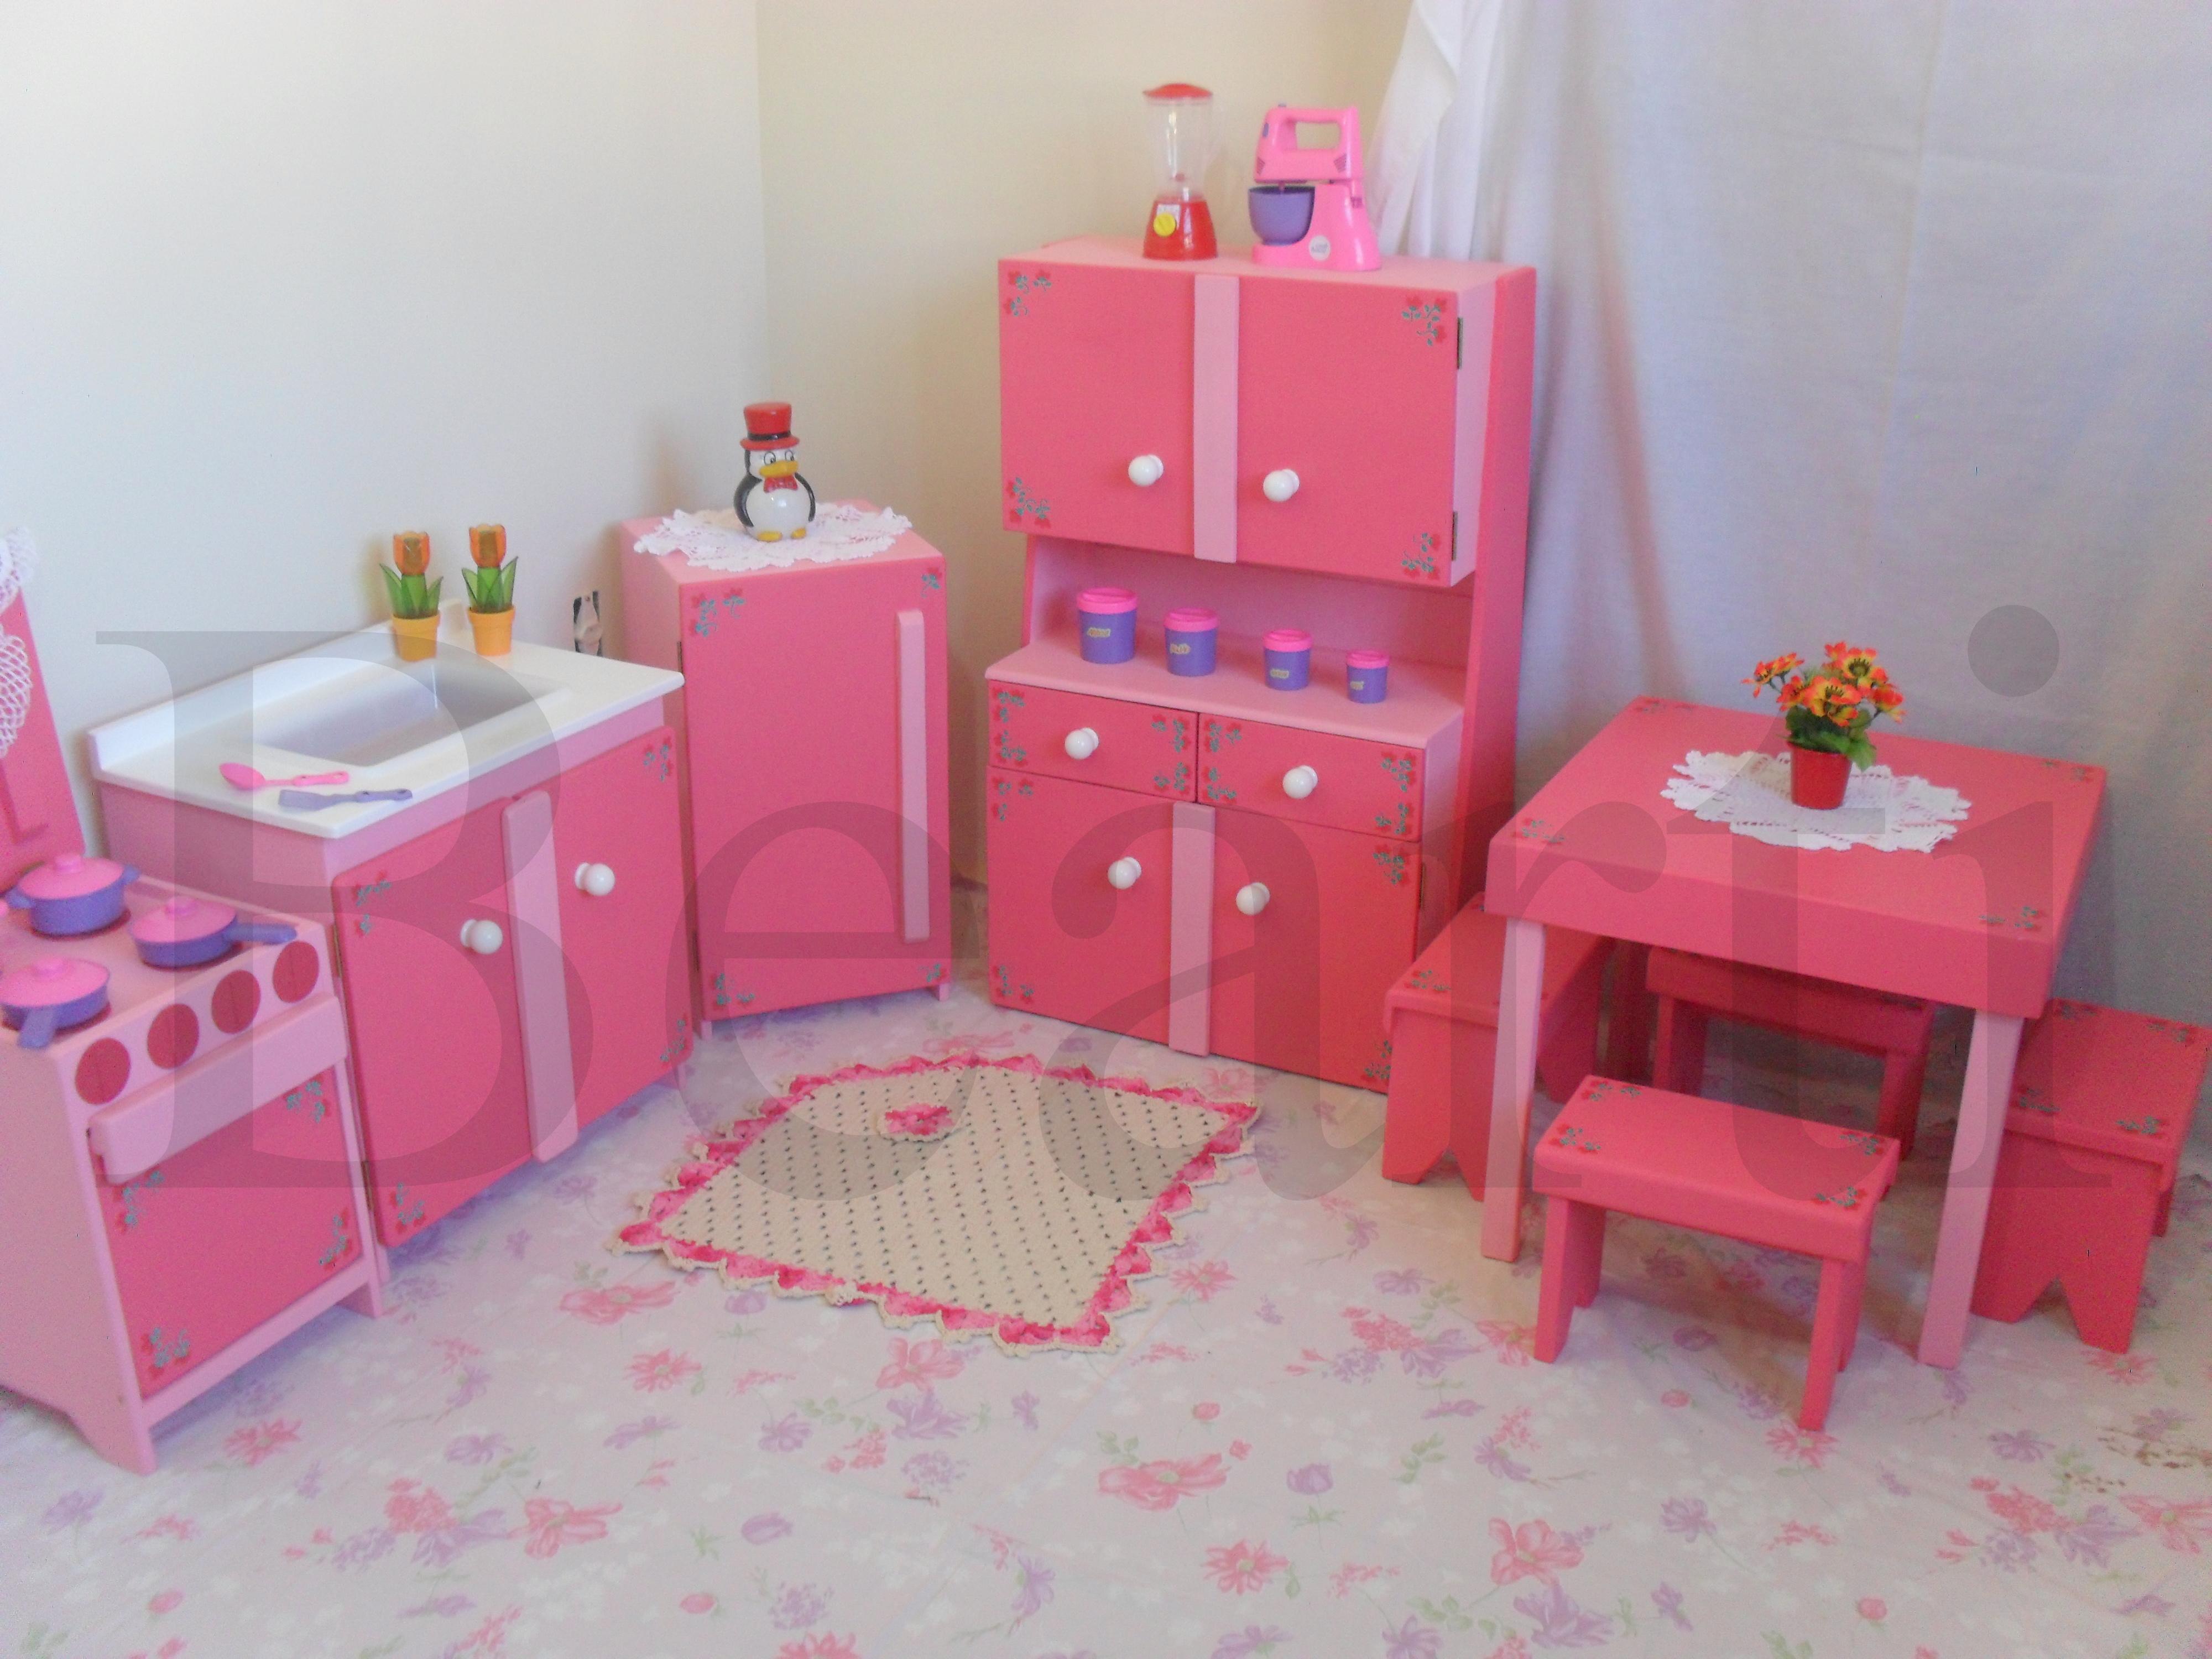 Cozinha Completa Infantil Resimden Com